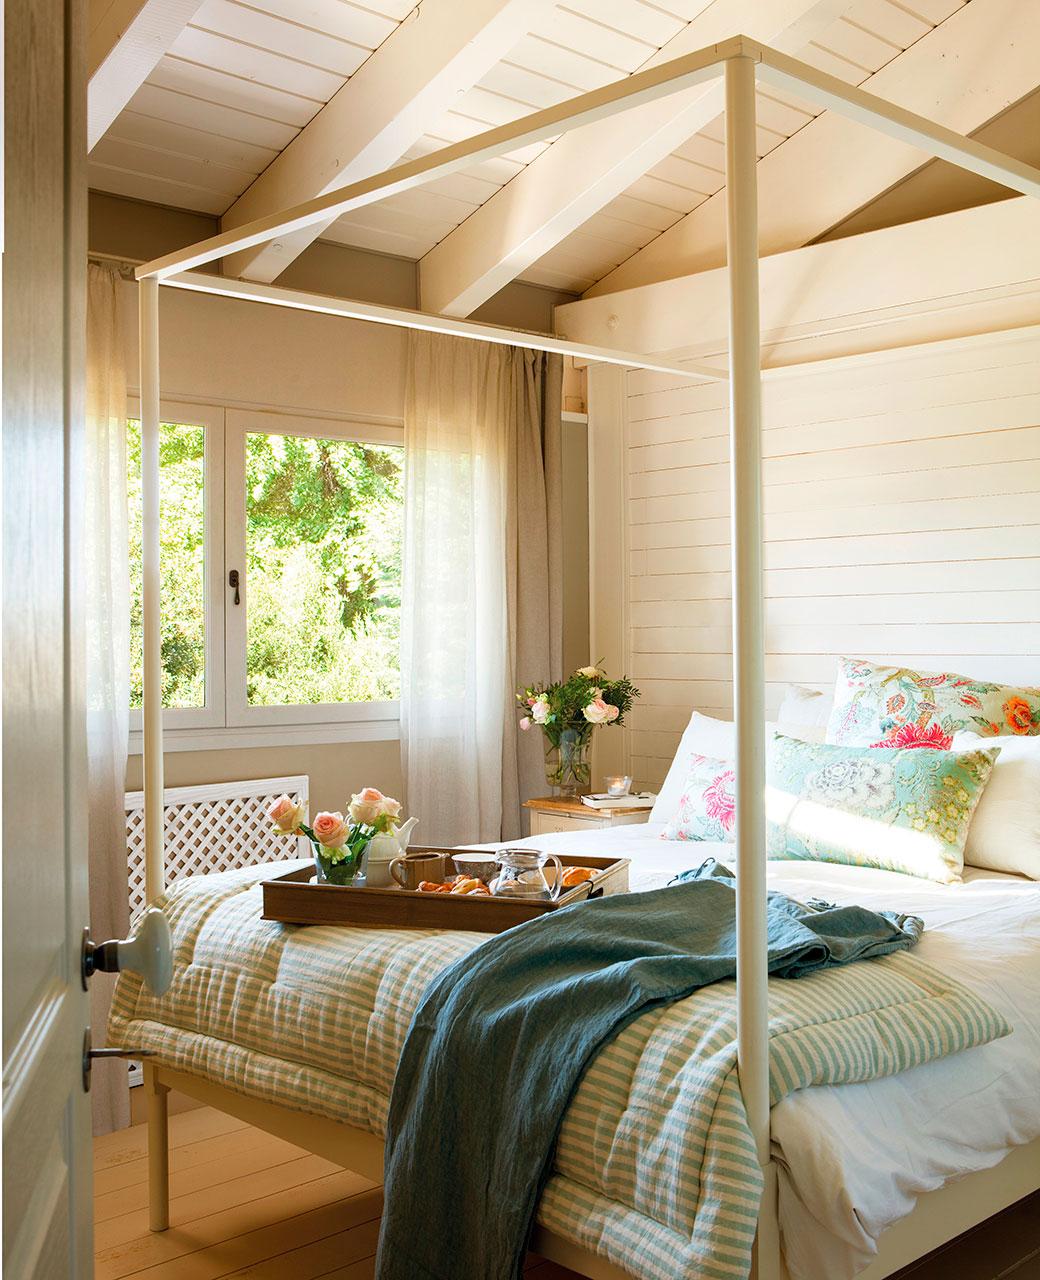 Dormitorios pr cticos y elegantes - Cabeceros de madera blanco ...